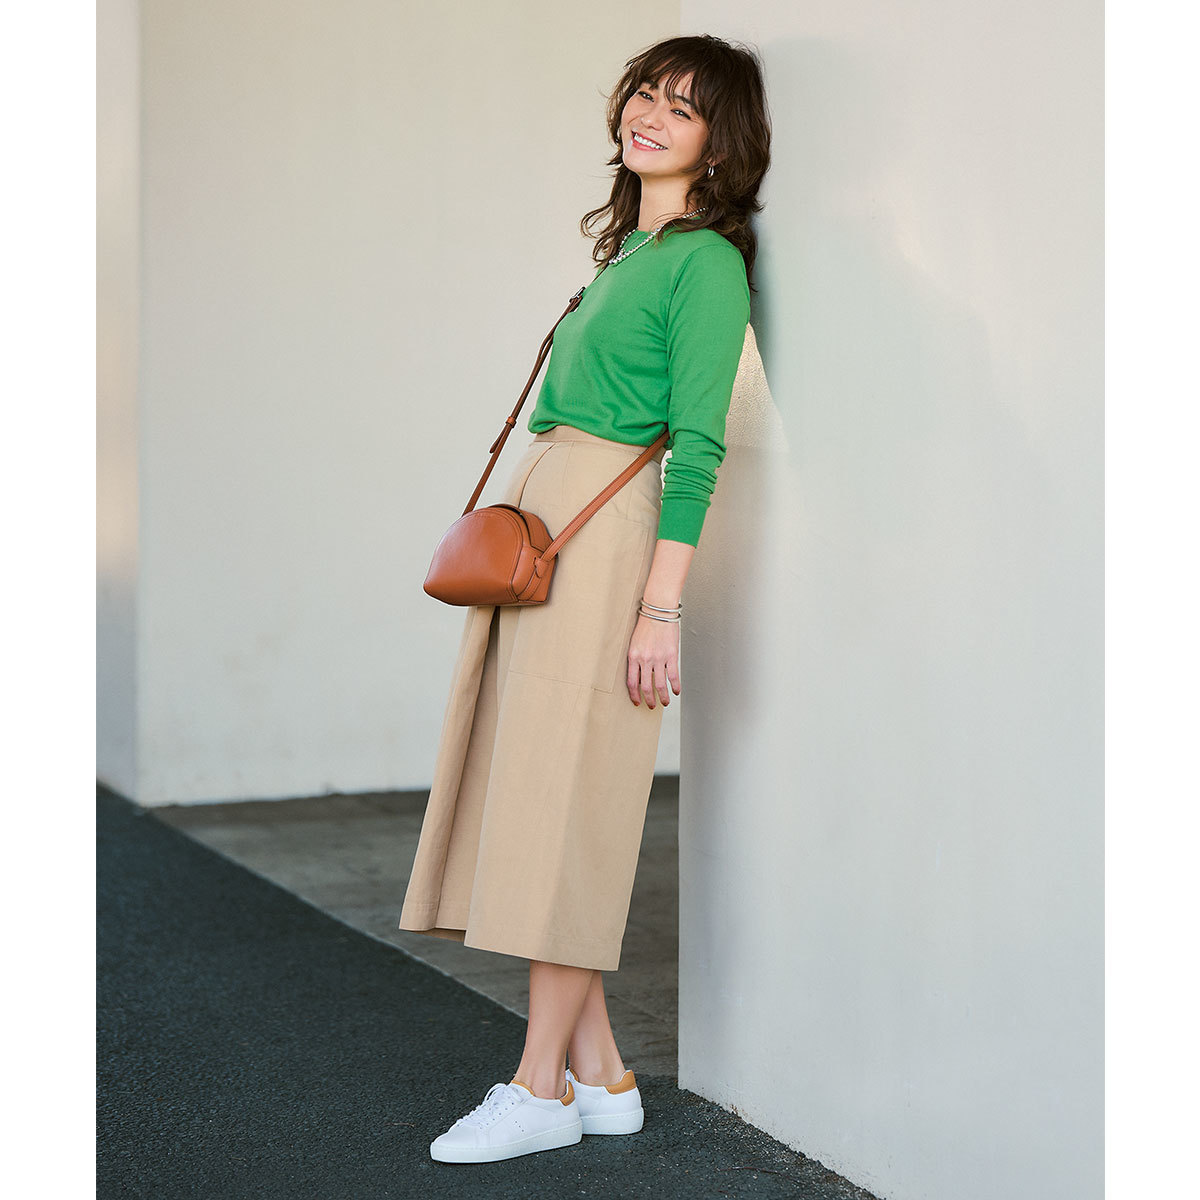 グリーンのニット×ベージュのスカート×白スニーカーコーデ